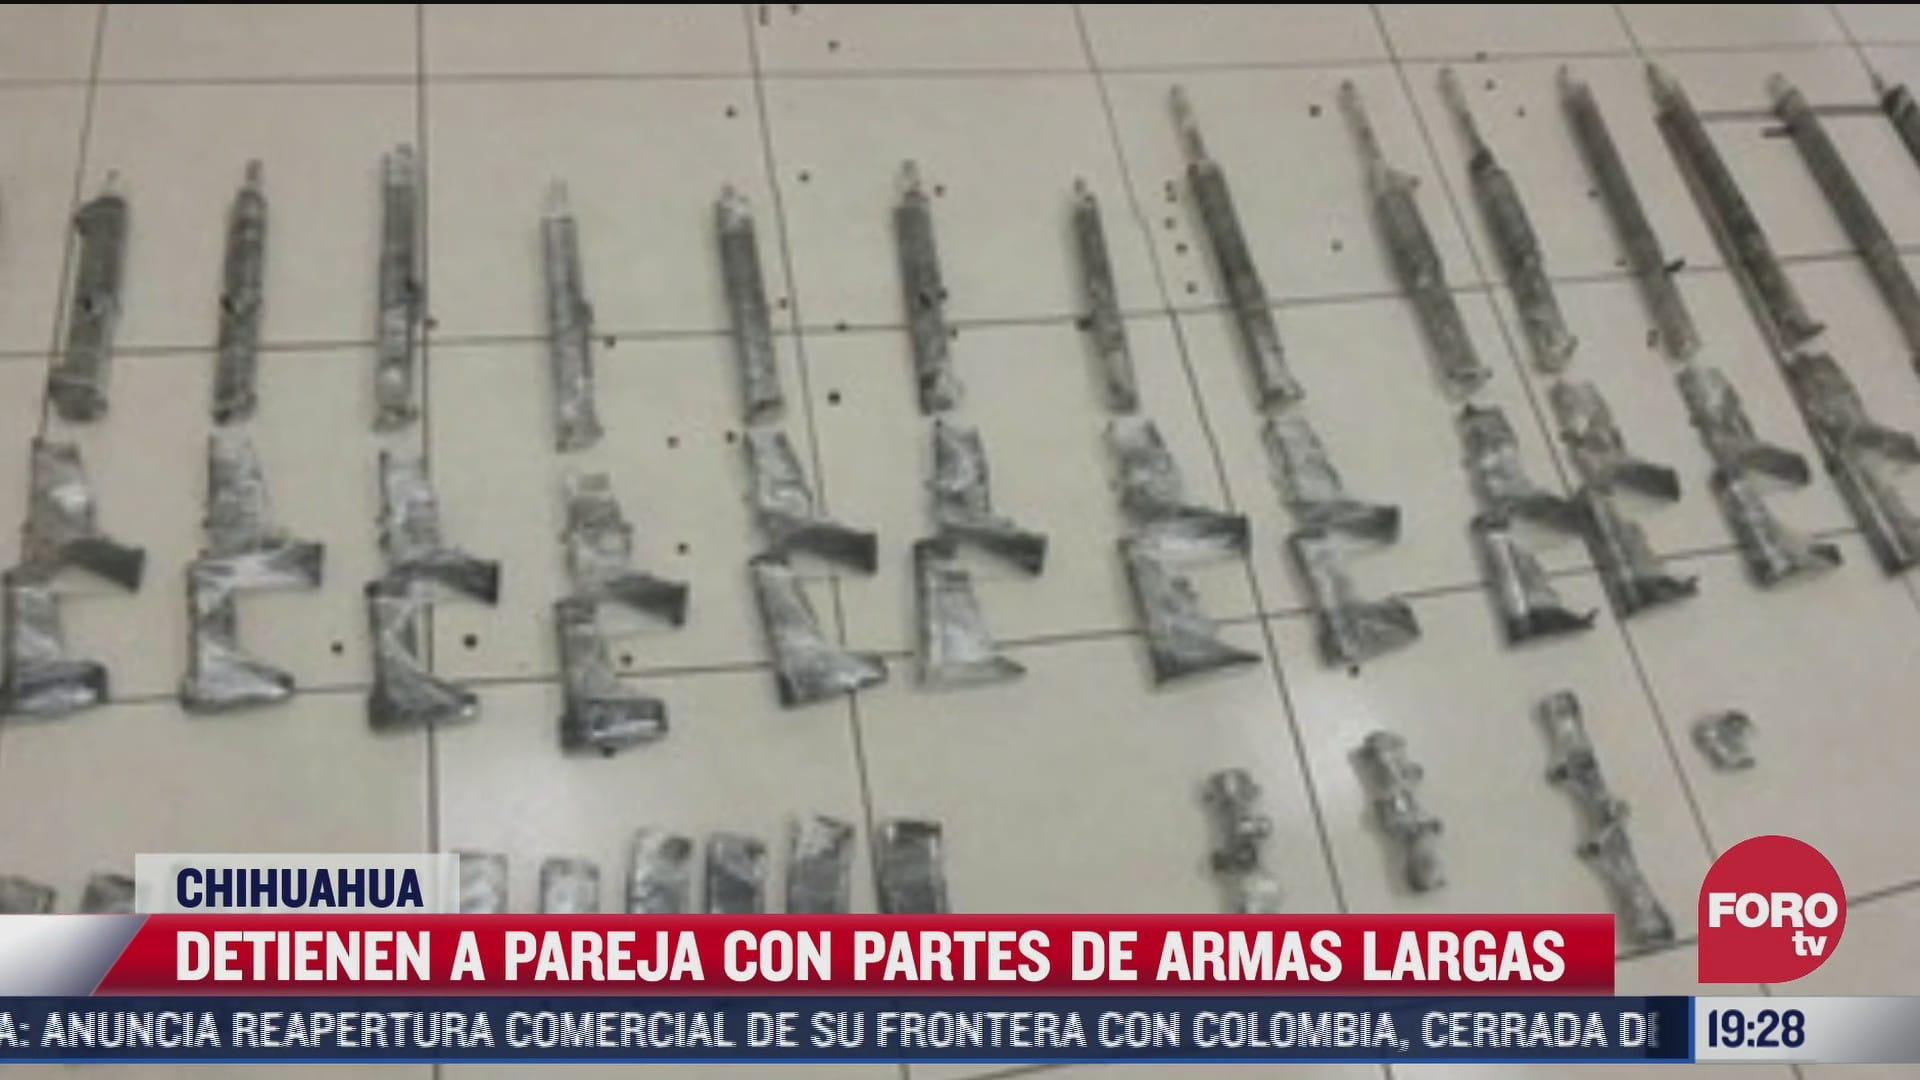 detienen a pareja en posesion de armas largas y cargadores en chihuahua